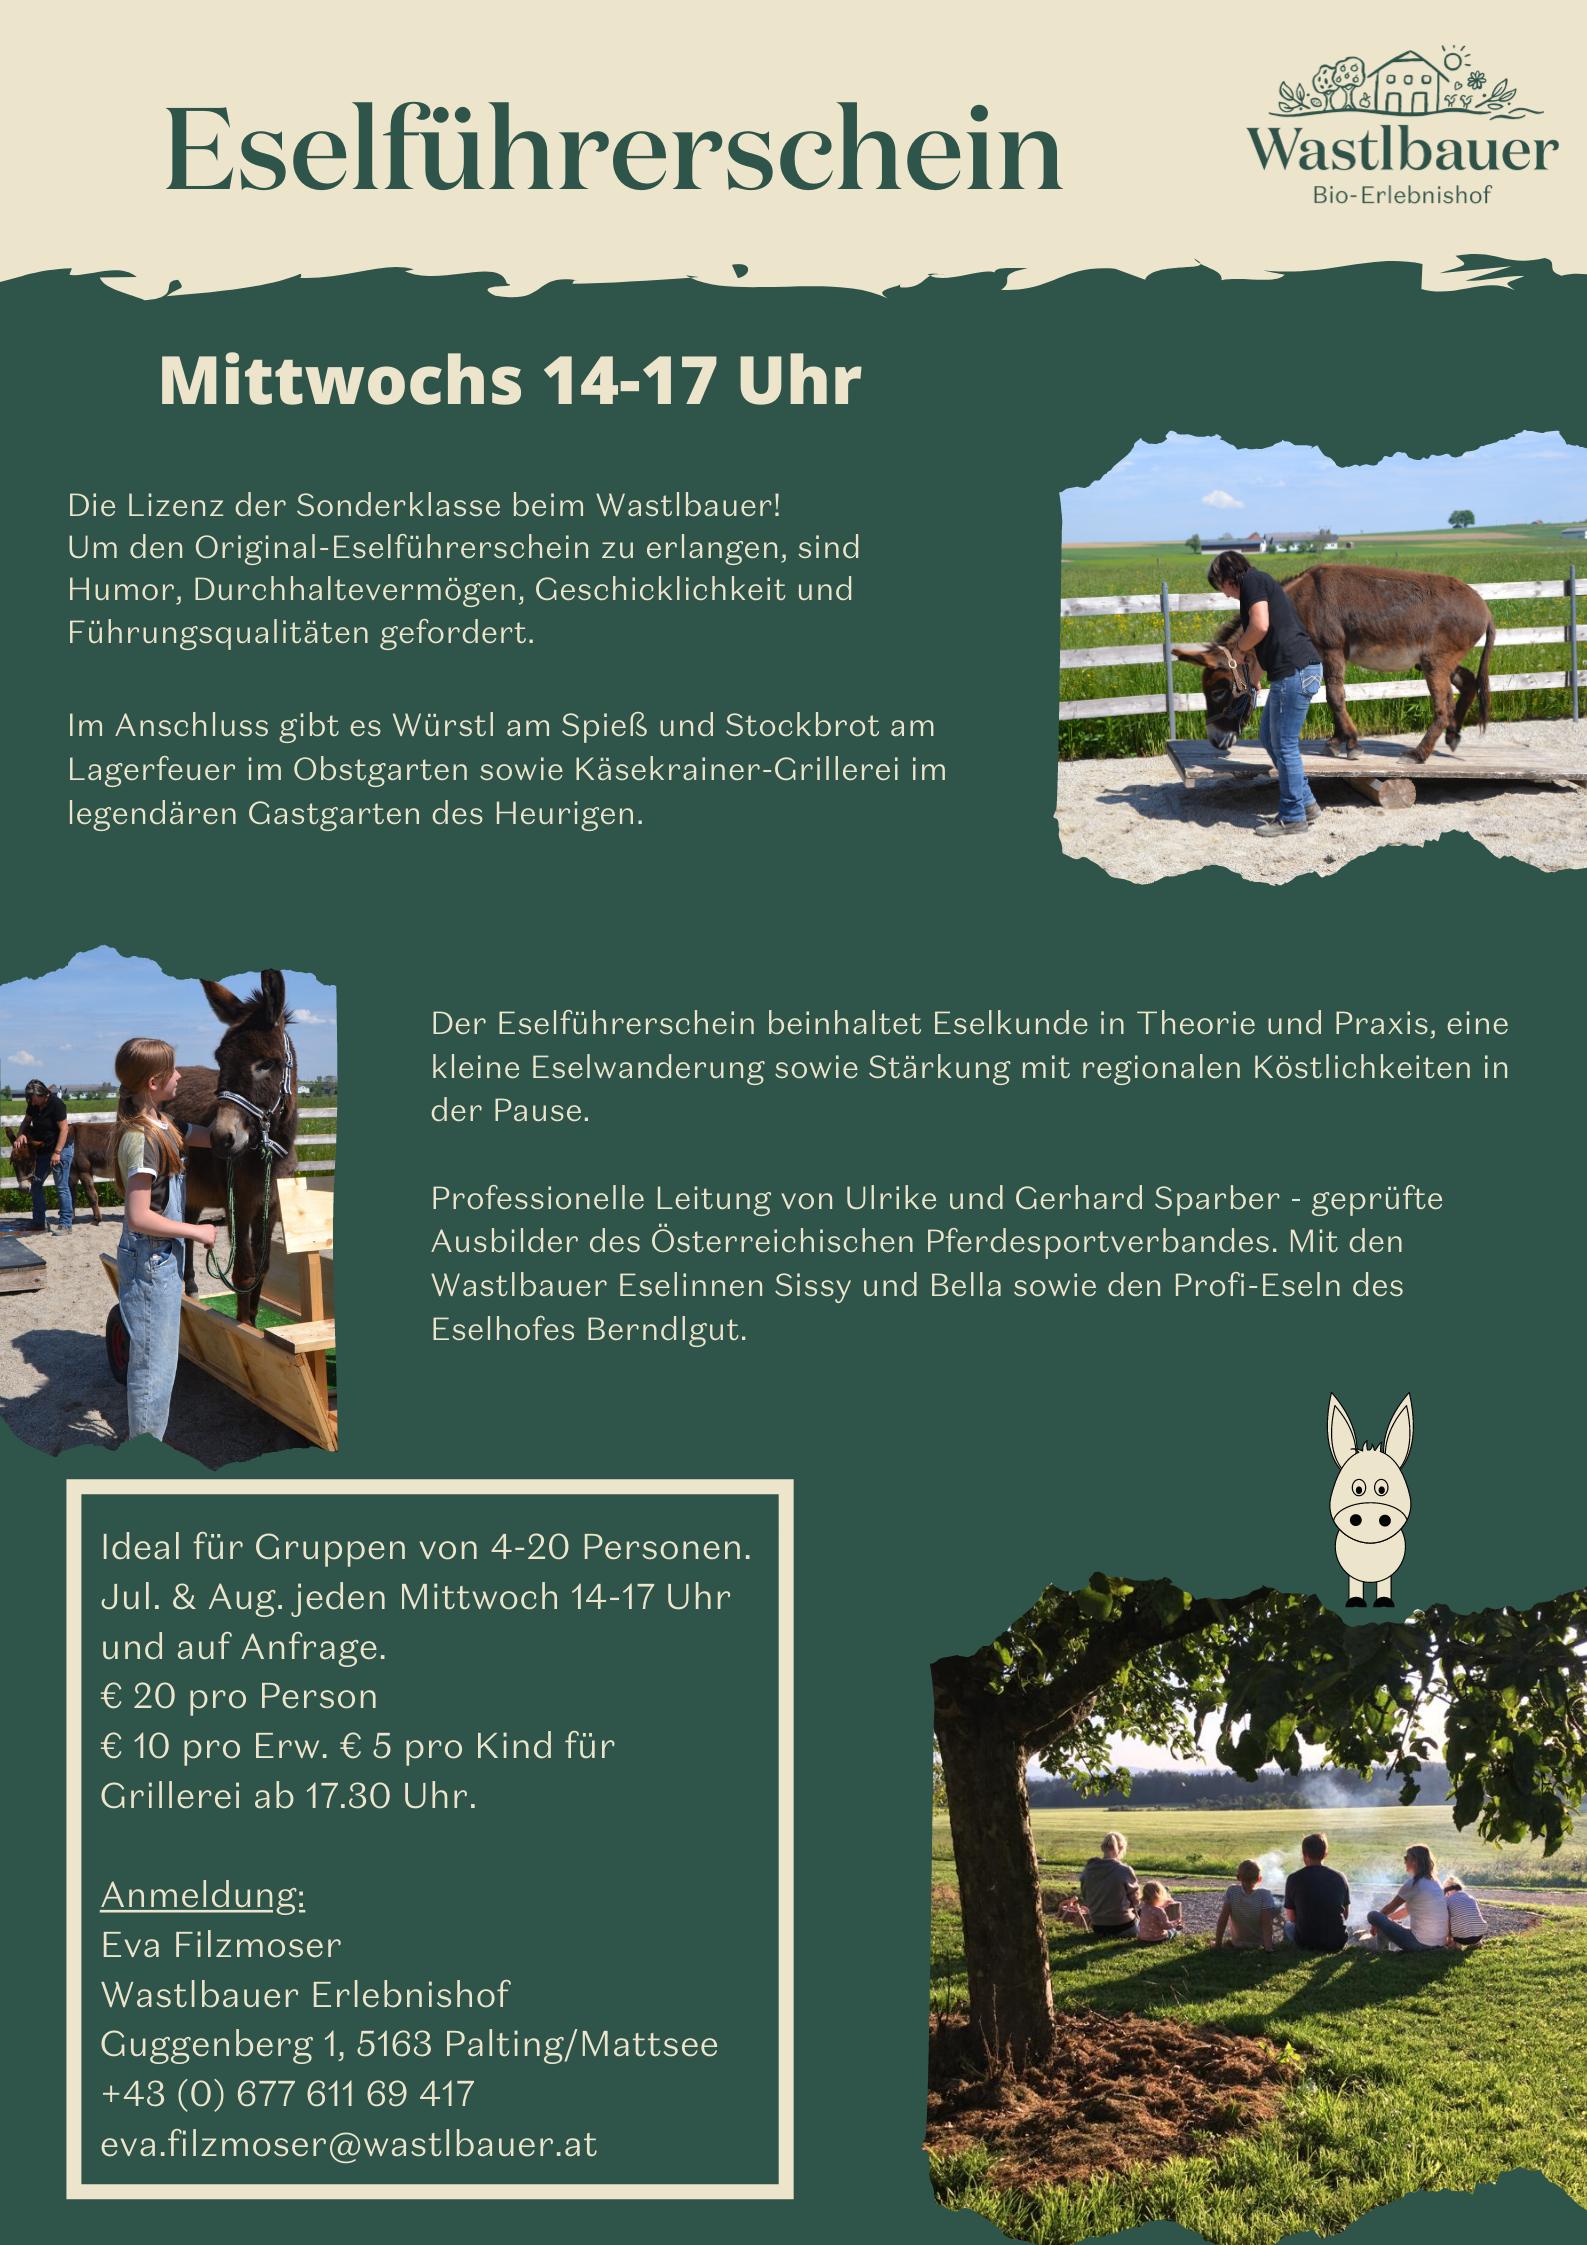 Eselführerschein poster_pic